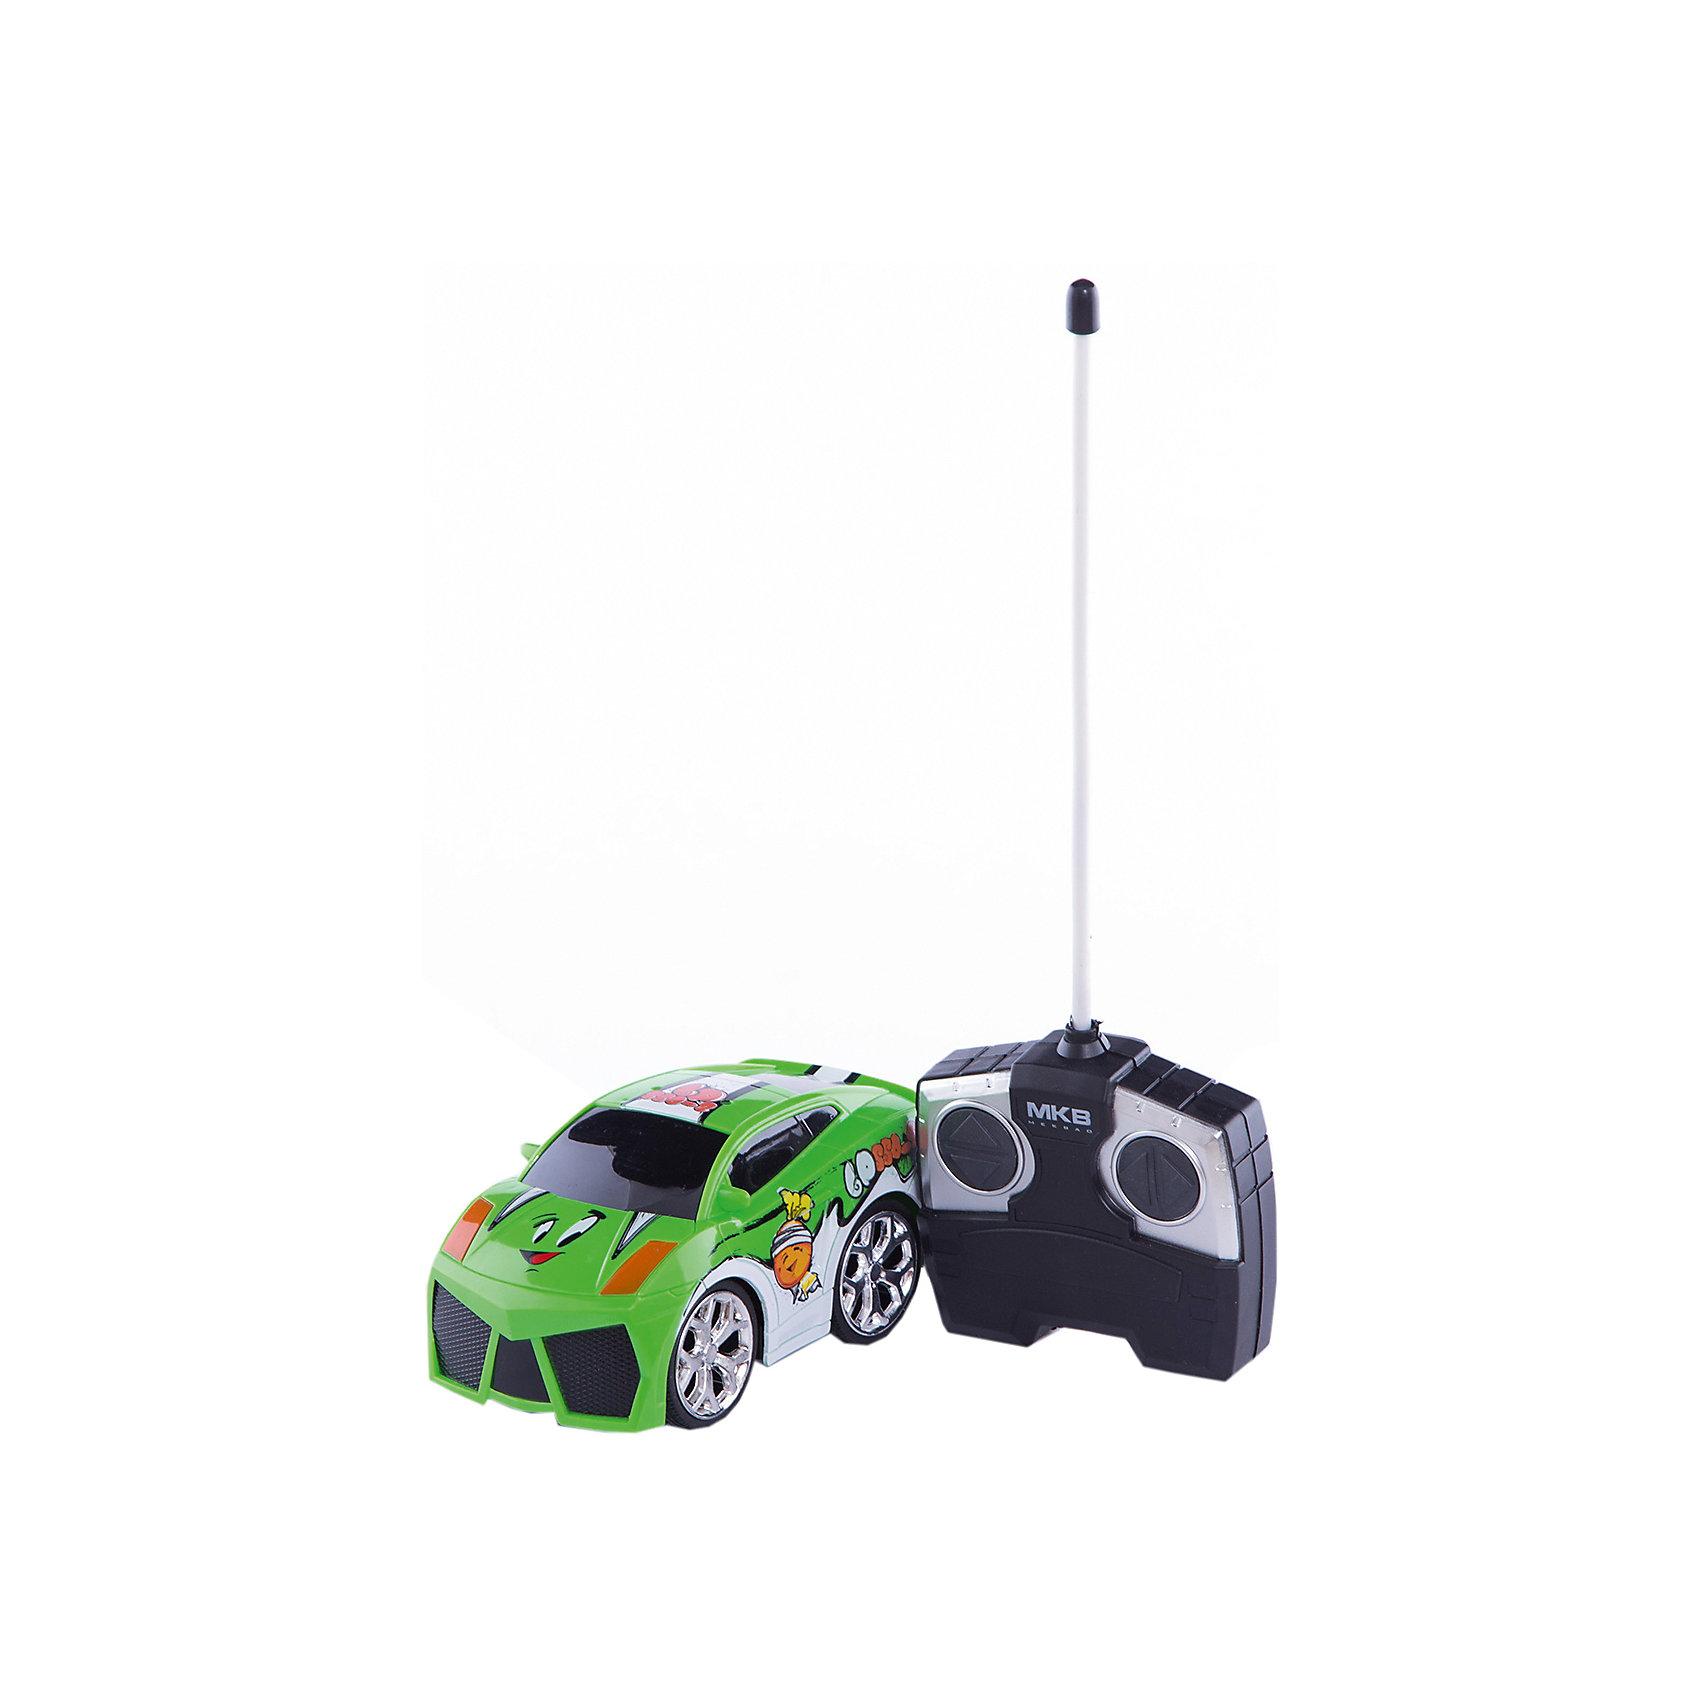 Машинка на радиоуправлении Mini, бело-зеленая, Blue SeaРадиоуправляемый транспорт<br>Машинка на радиоуправлении Mini, бело - зеленая, Blue Sea (Блу Сии).<br><br>Характеристики:<br><br>- Цвет: белый, зеленый.<br>- Состав: пластик,металл.<br>- Радиоуправляемая игрушка.<br>- В комплекте: машинка, пульт управления.<br><br>Внимание: элементы питания в комплект не входят!<br><br>Машинка на радиоуправлении Mini, бело - зеленая – это одна из представительниц яркой серии машинок Mini Car от бренда Blue Sea (Блу Сии). Она проста в управлении, двигается вперед, назад, влево и вправо. Для того, чтобы начать играть, достаточно просто докупить элементы питания для машинки и пульта управления. Вашему малышу обязательно понравятся простота управления и необычный дизайн.<br><br>Машинку на радиоуправлении Mini, бело - зеленую, Blue Sea(Блу Сии), можно купить в нашем интернет – магазине.<br><br>Ширина мм: 210<br>Глубина мм: 110<br>Высота мм: 110<br>Вес г: 300<br>Возраст от месяцев: 36<br>Возраст до месяцев: 2147483647<br>Пол: Мужской<br>Возраст: Детский<br>SKU: 5419369